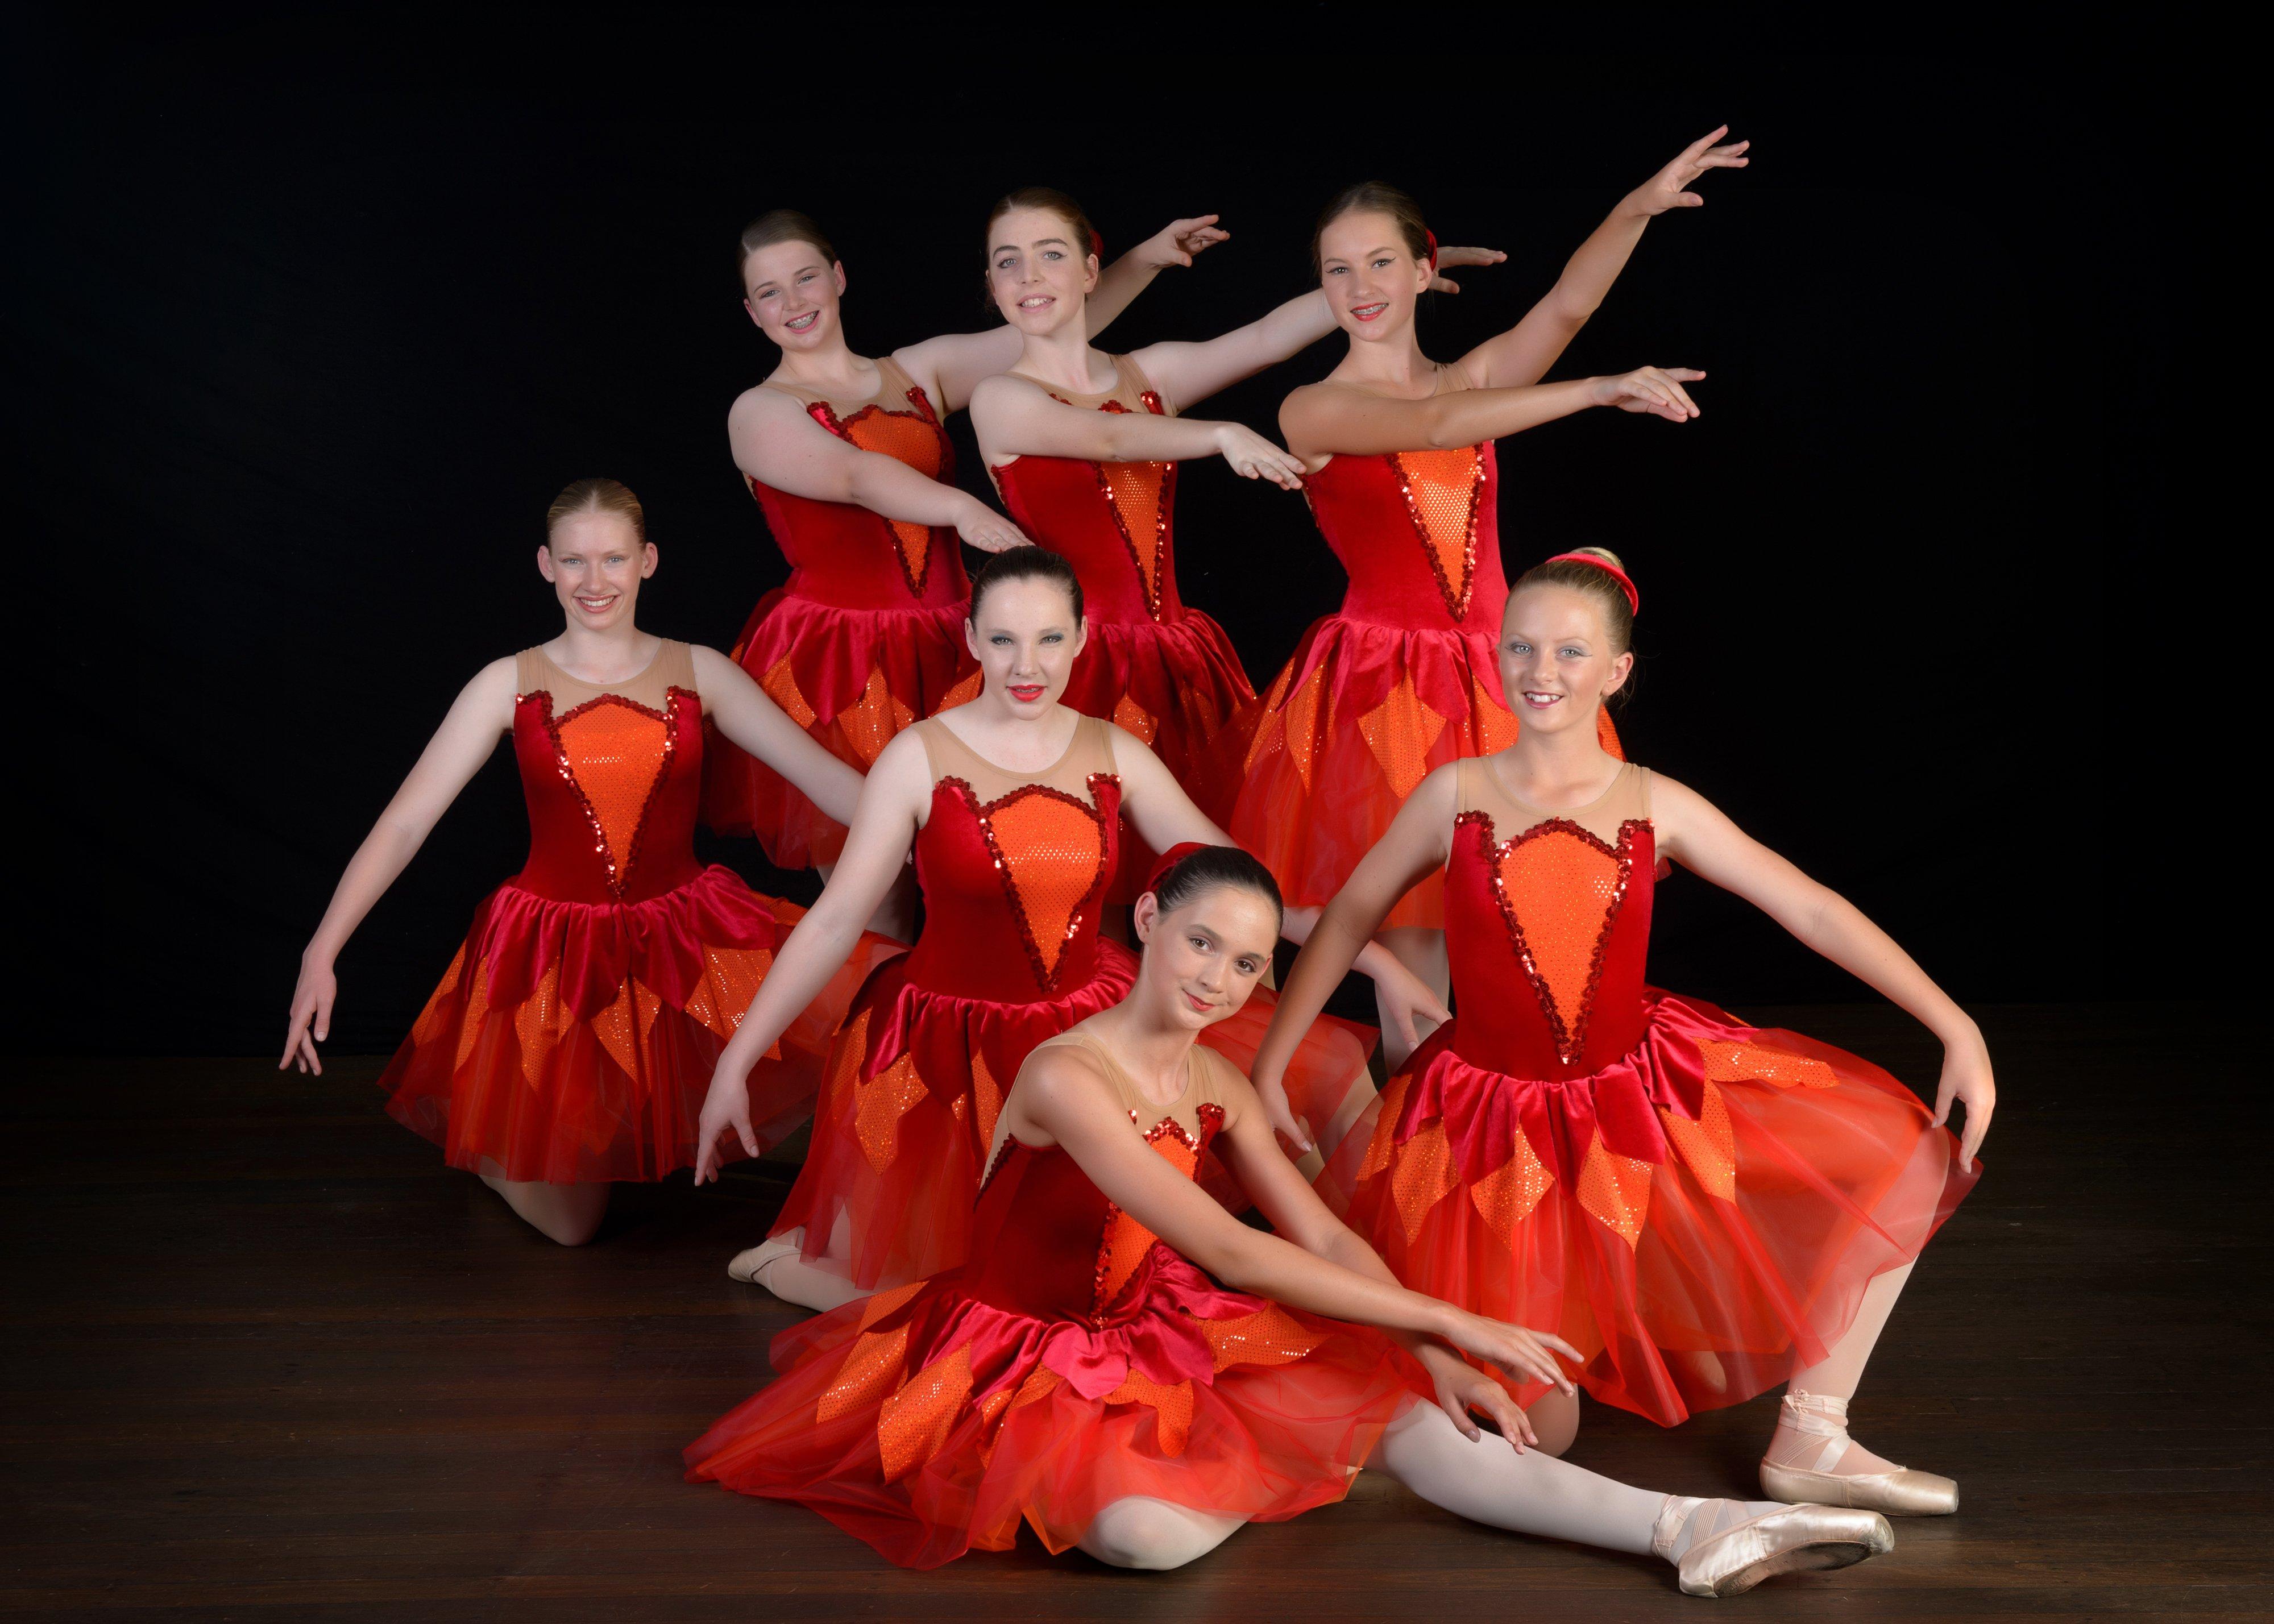 Jazz dancers